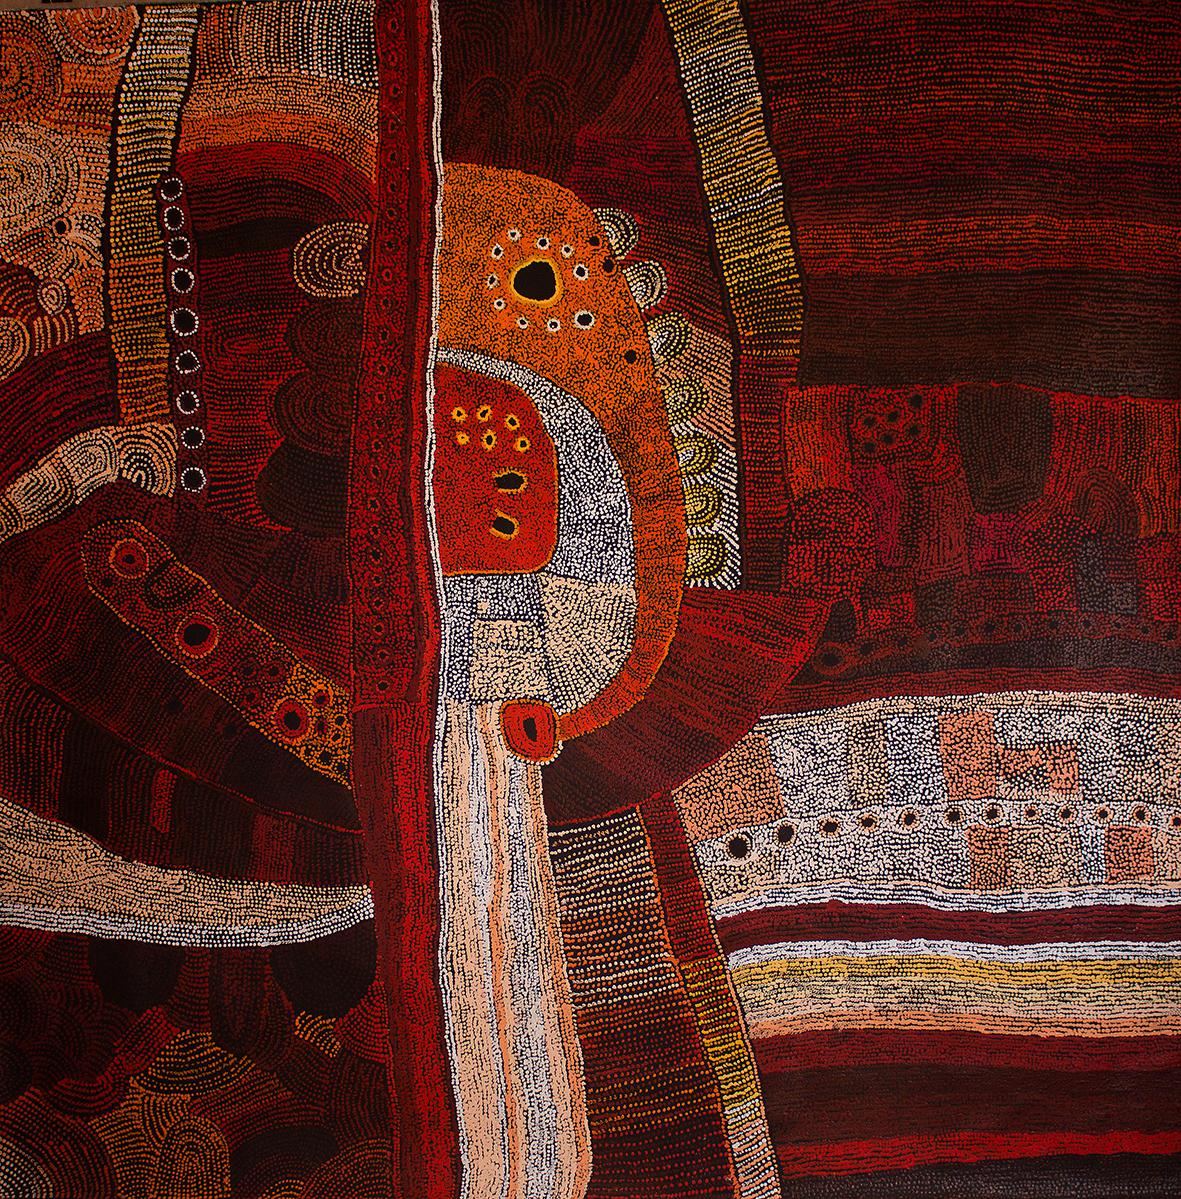 Peinture acrylique sur toile de l'artiste Maringka Baker. Format : 200 x 200 cm. Provenance : centre d'art de Tjungu Palya. Photo : Aboriginal Signature gallery with the courtesy of the artist.